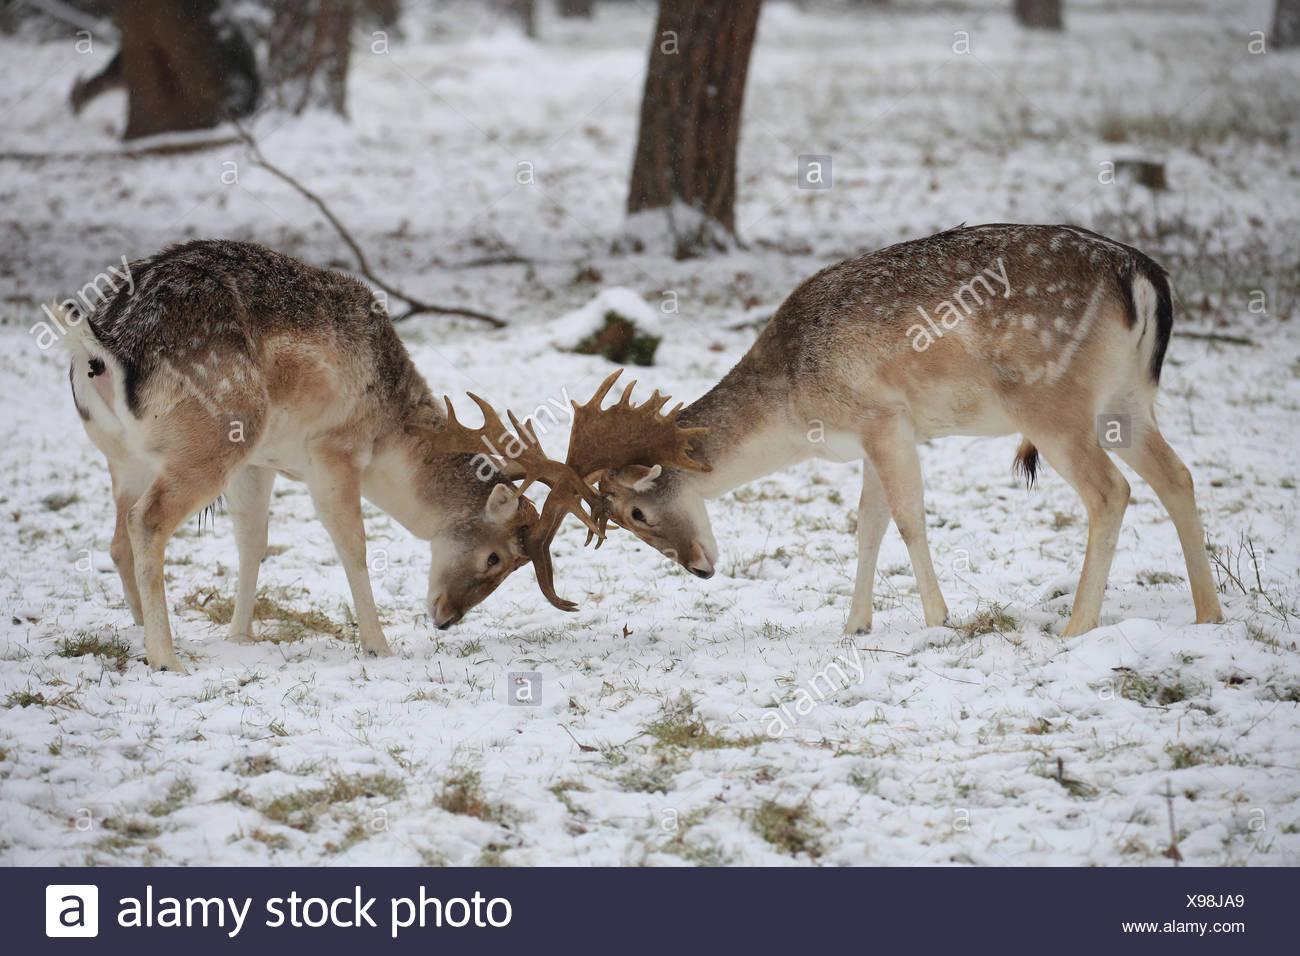 Fallow deer, rut in the snow, Dama dama - Stock Image